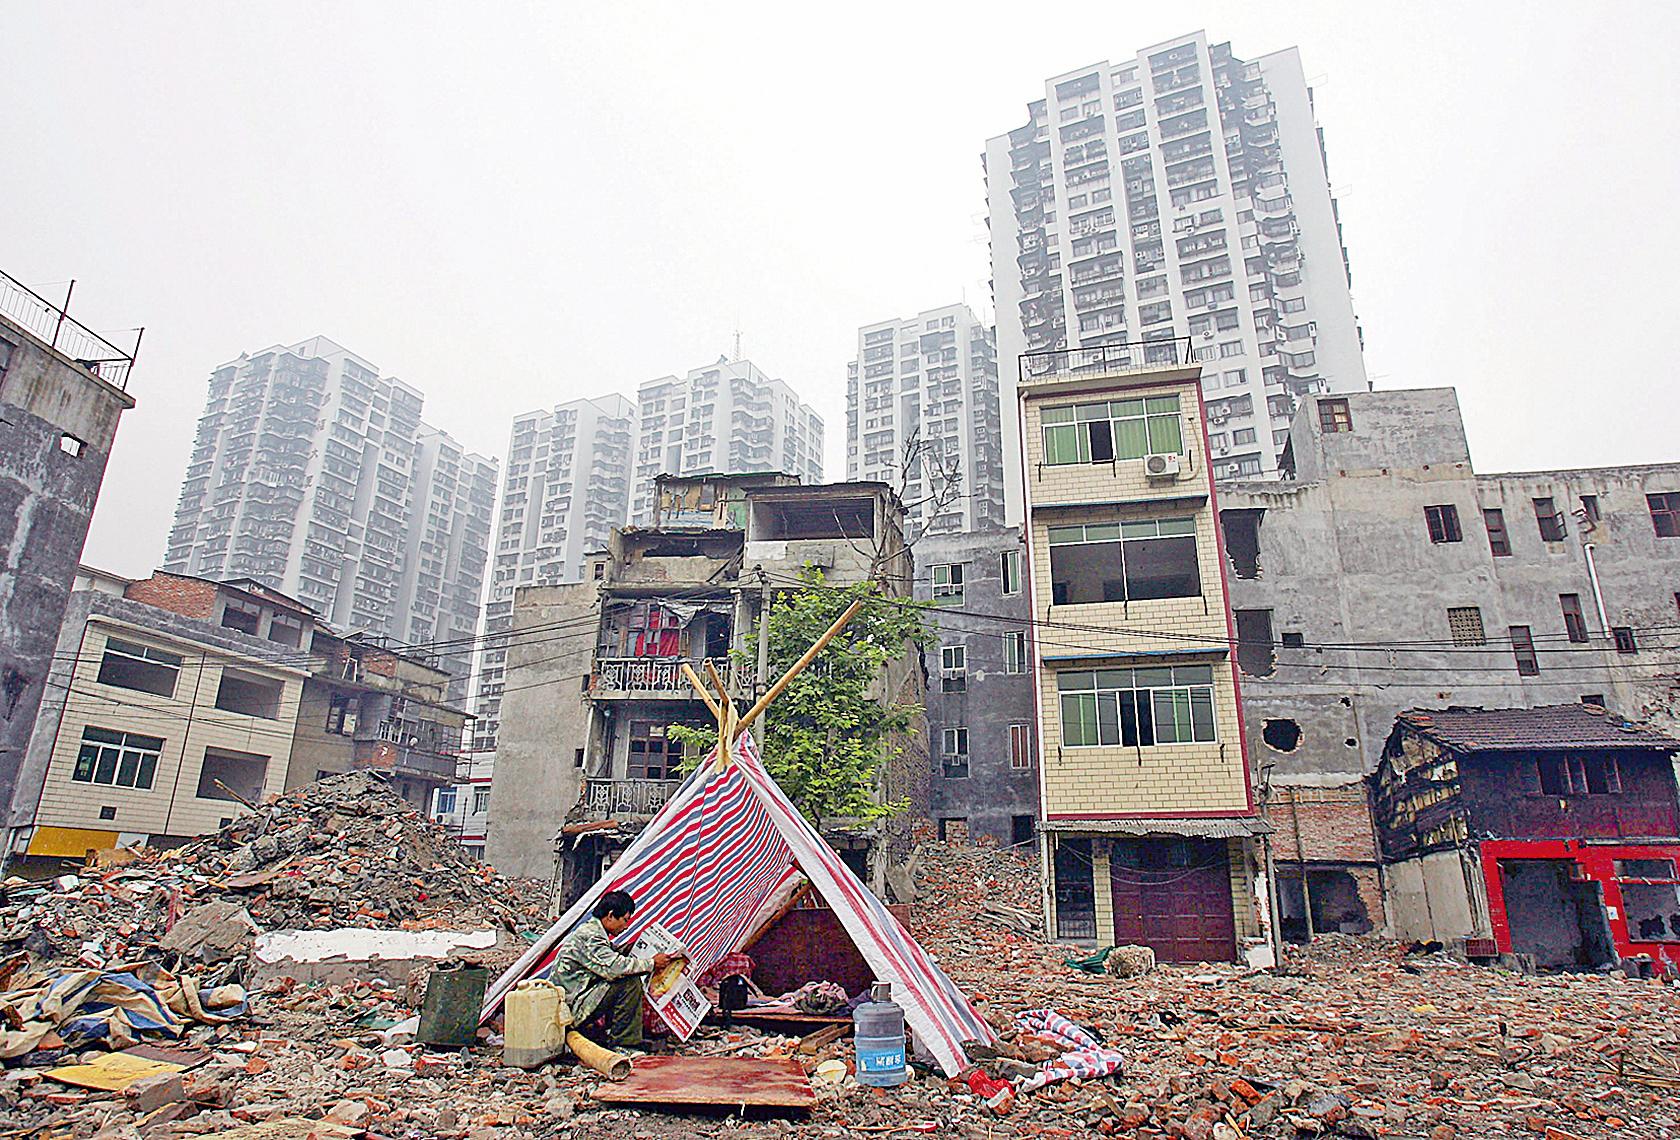 日前公佈的審計結果曝光了大陸保障性住房建設的一些問題。圖為2005年武漢某拆遷地的一角。(Getty Images)